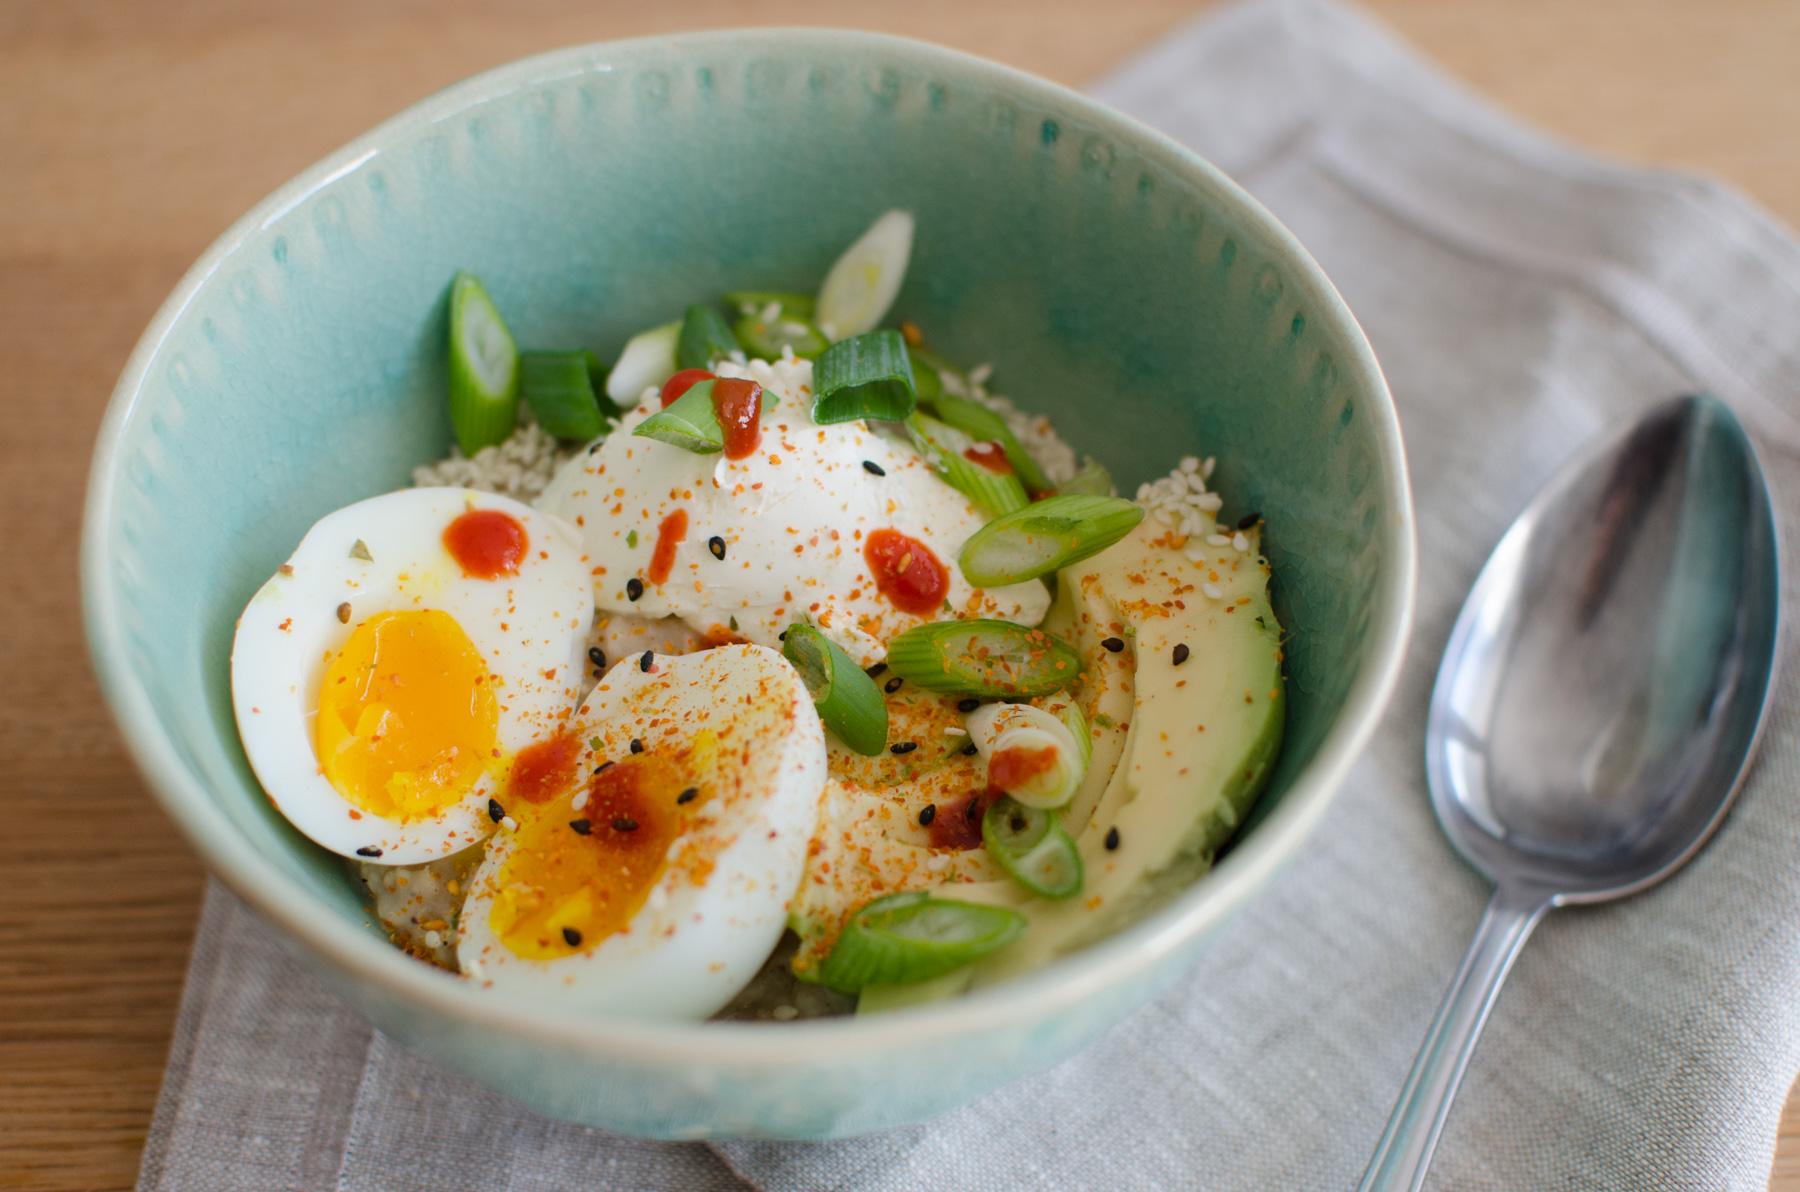 pikanter Porridge mit Ei, Avocado, Zwiebel und Chili